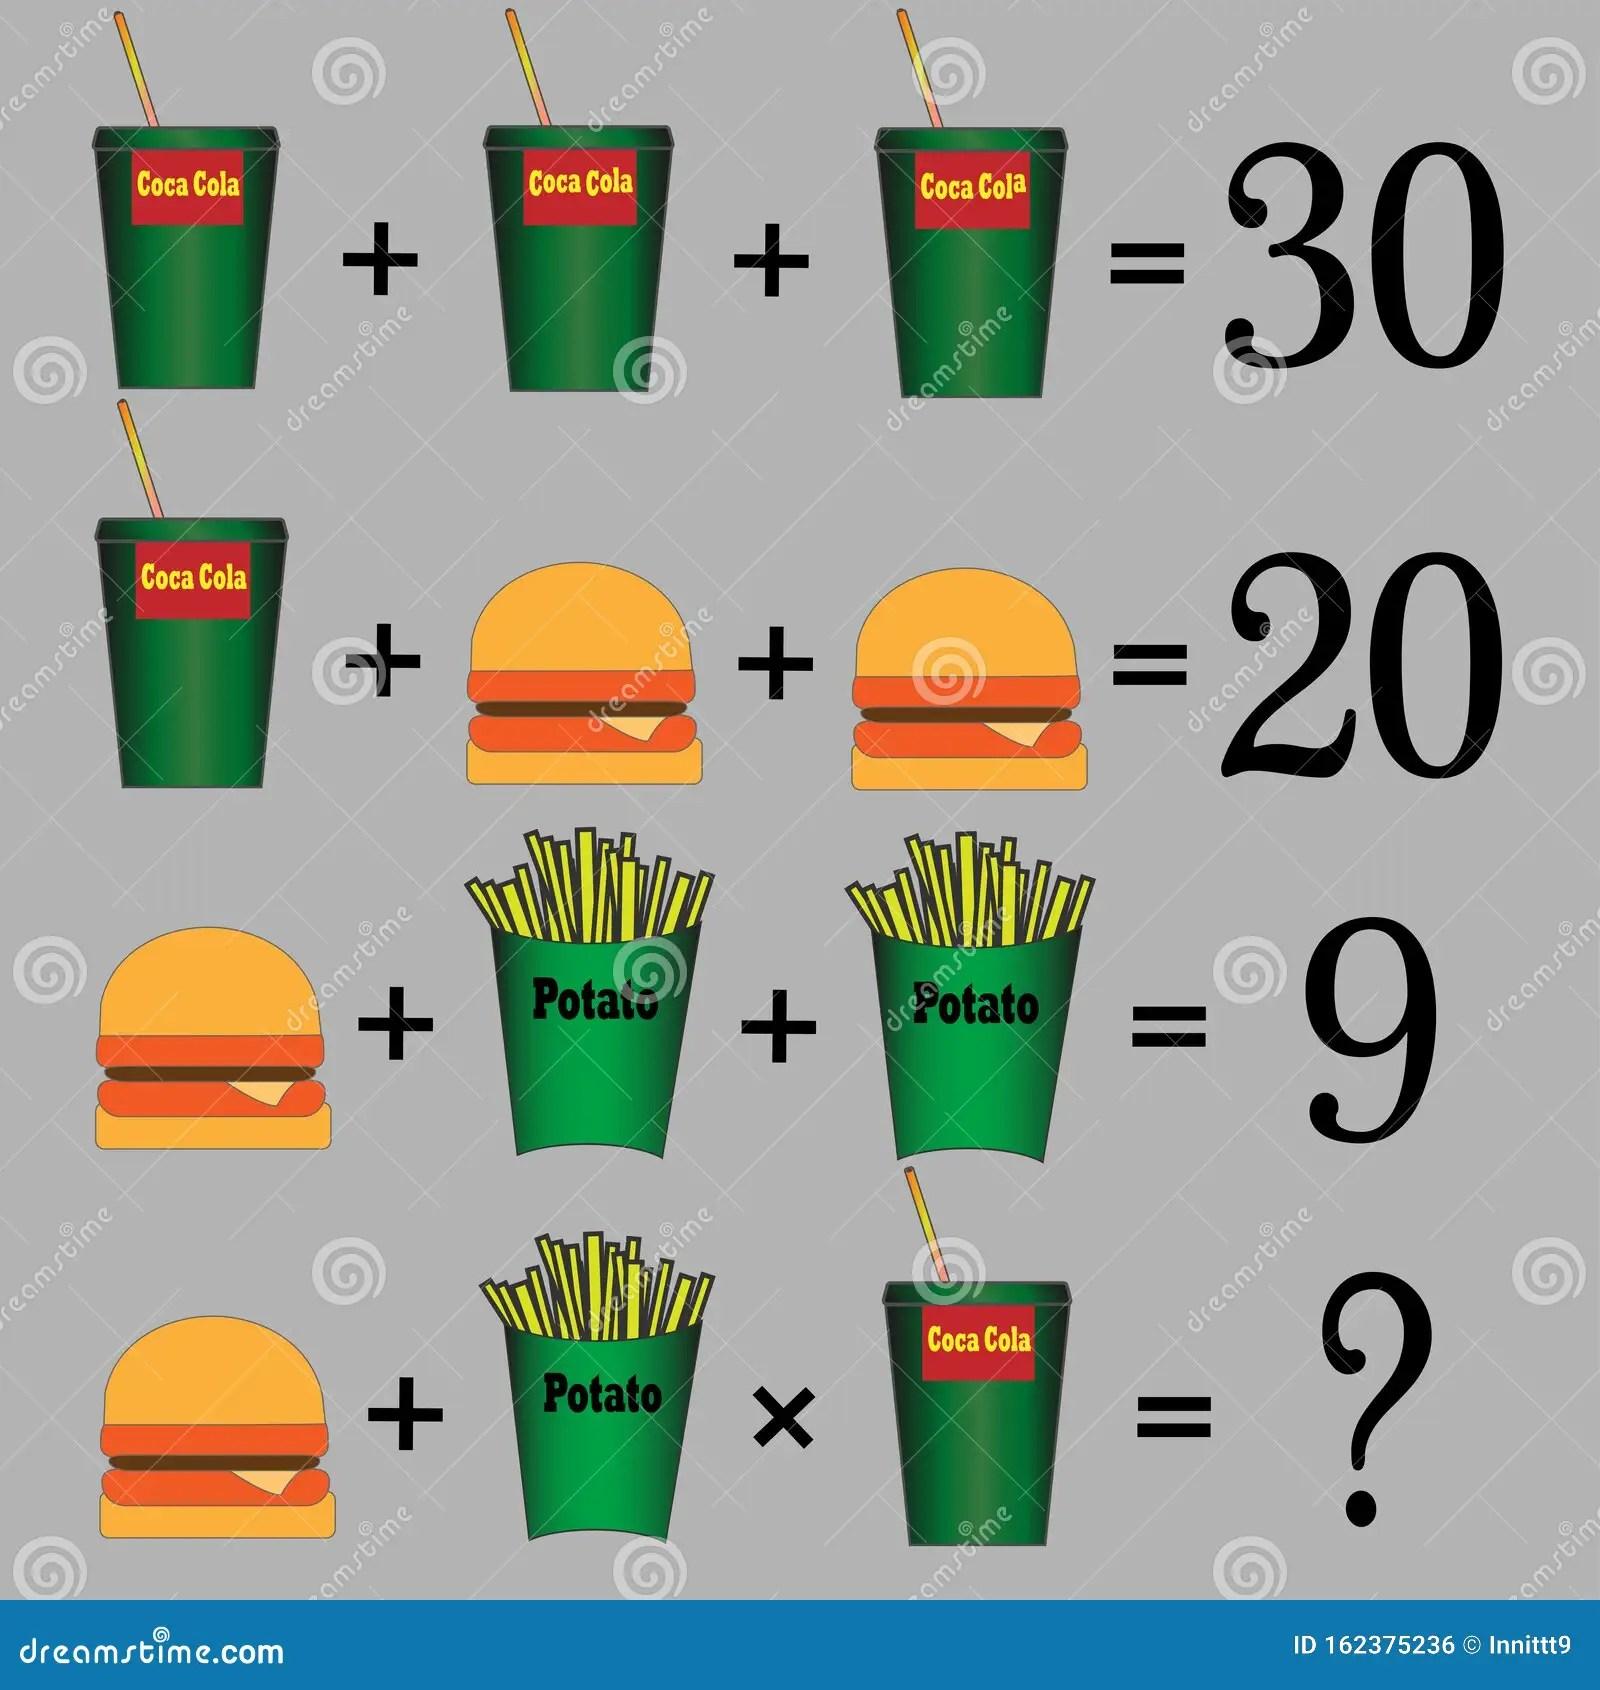 Math Task For Preschool Children Vector Illustration